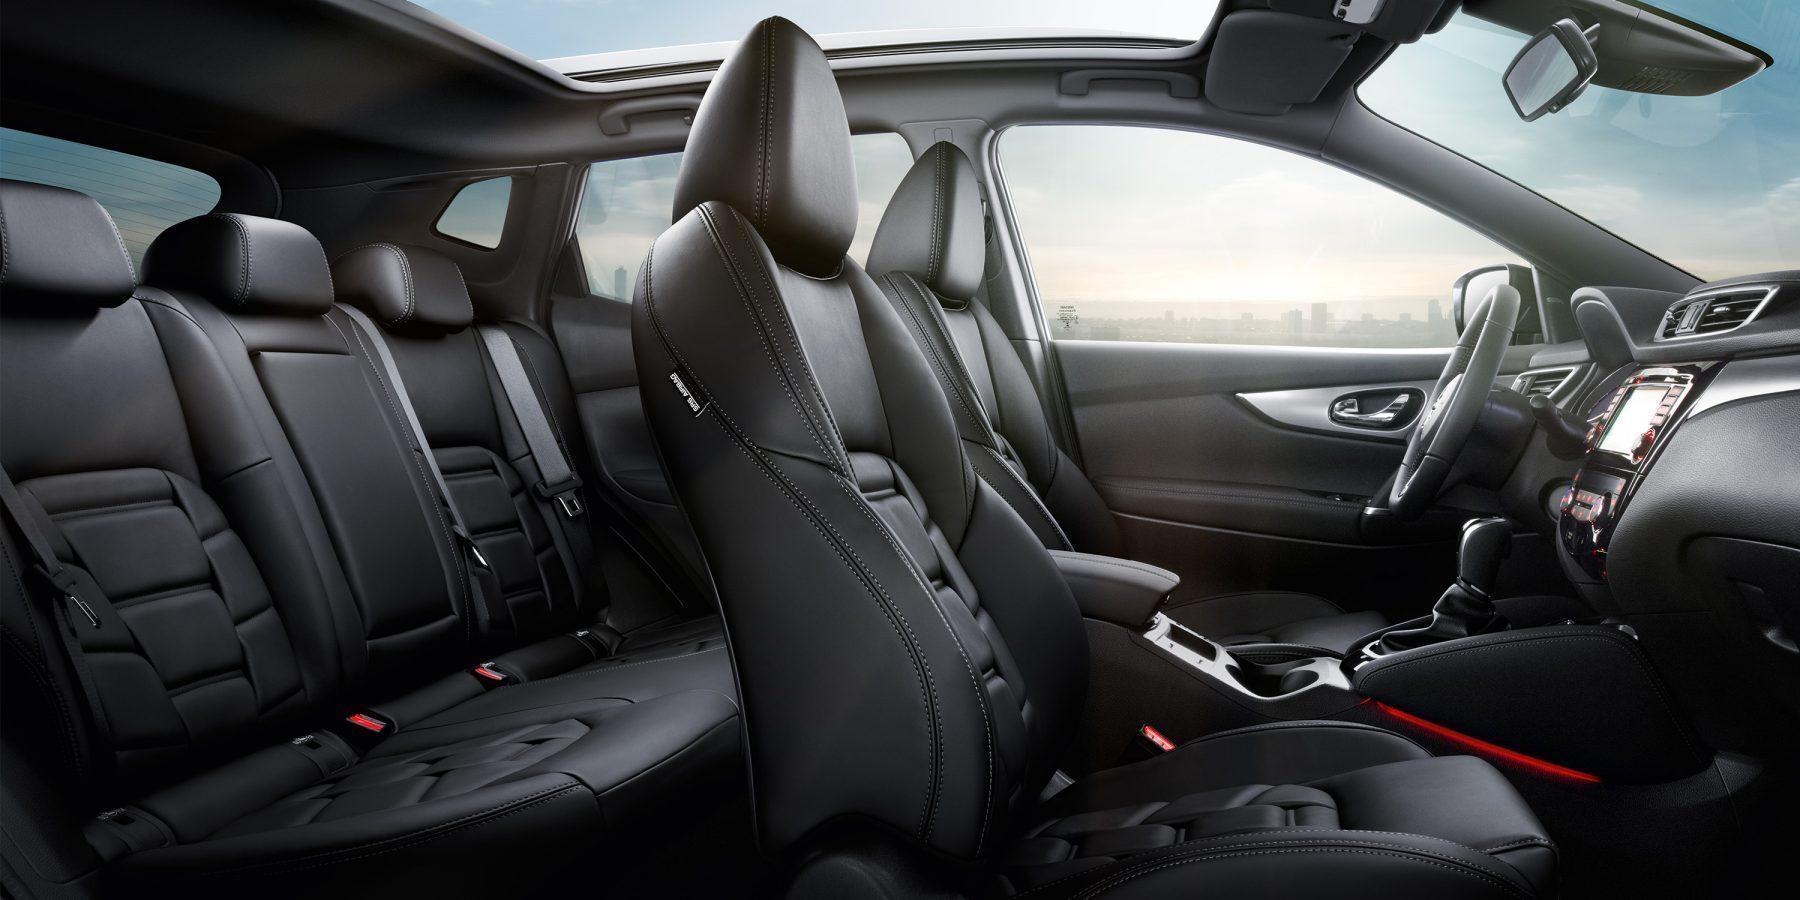 Nissan QASHQAI, салон крупным планом — сиденья в едином стиле с отделкой из черной дубленой кожи премиум-класса